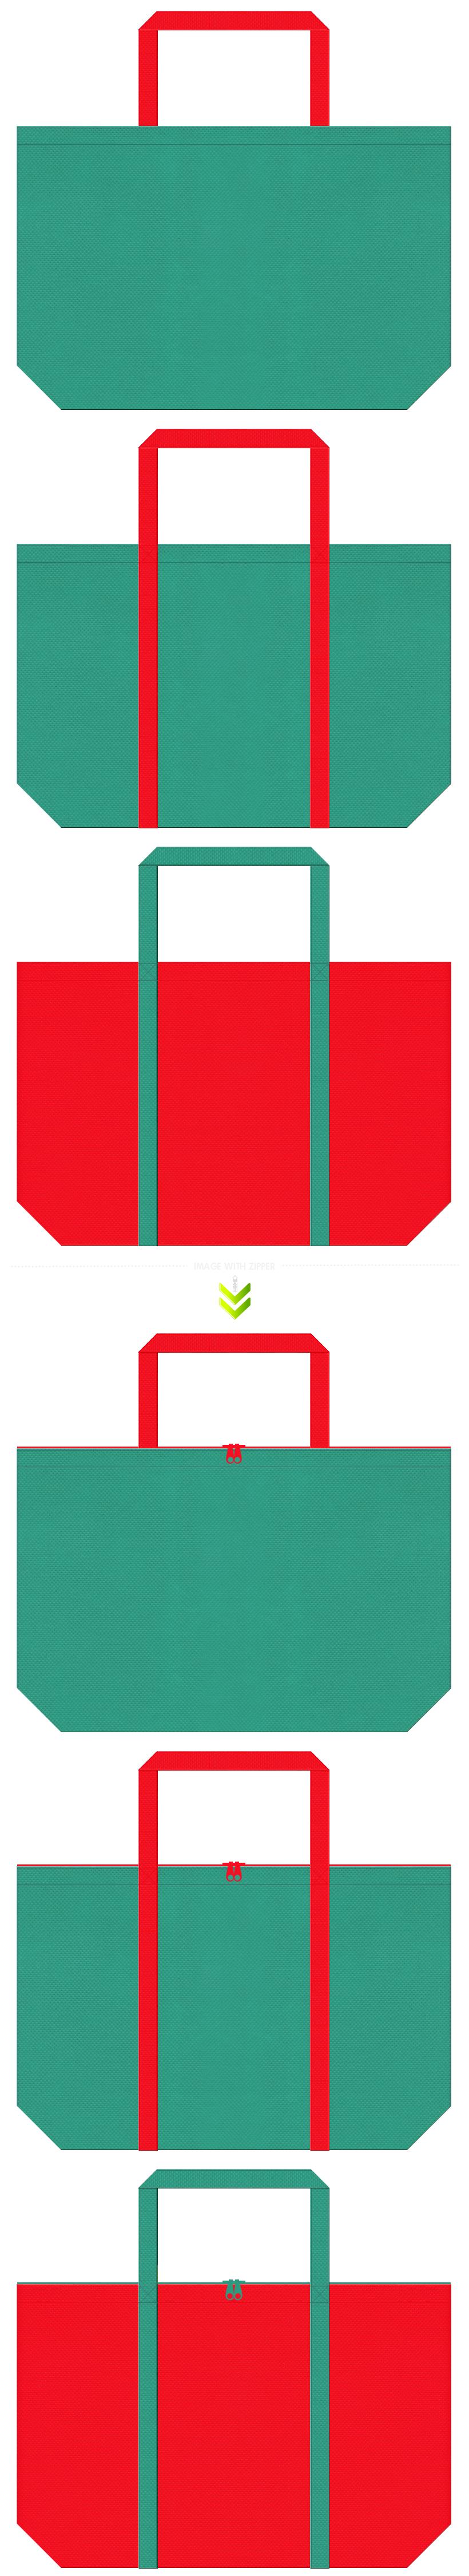 青緑色と赤色の不織布バッグデザイン。スイカ割のイメージでビーチイベントのノベルティにお奨めです。